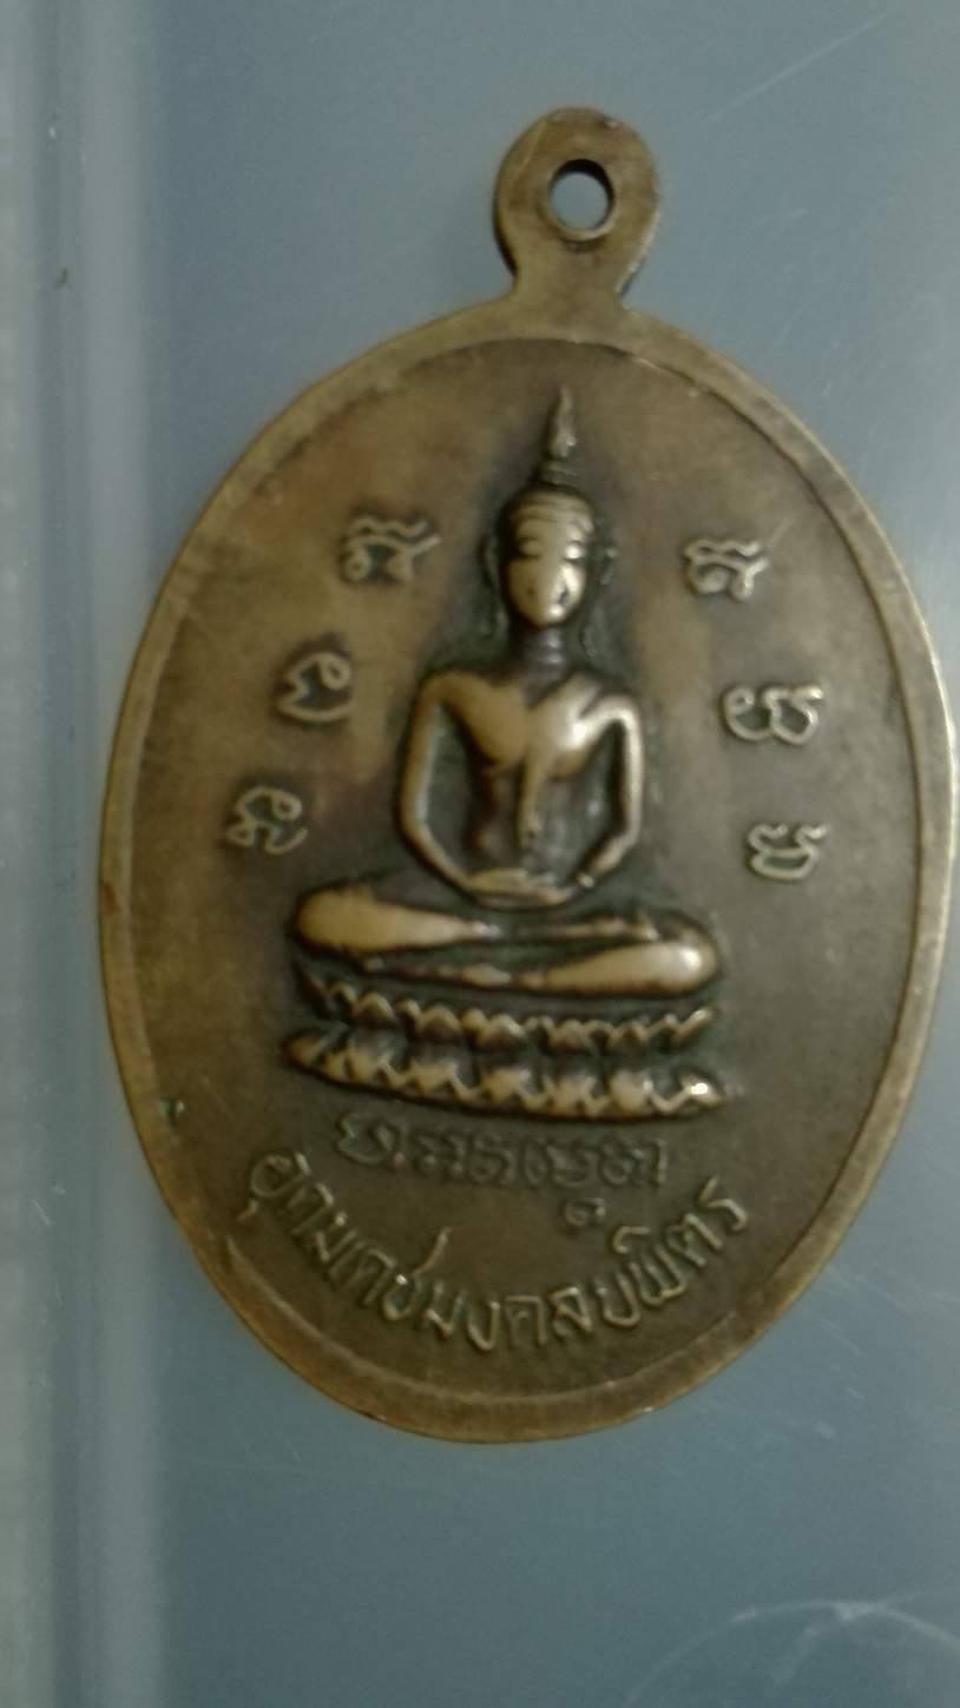 เหรียญพระครูพุทธิสารสุนทร(เคน) วัดเมืองเดช อ.เดชอุดม จ.อุบลราชธานี ปี 2539 อายุ67ปี รูปที่ 2